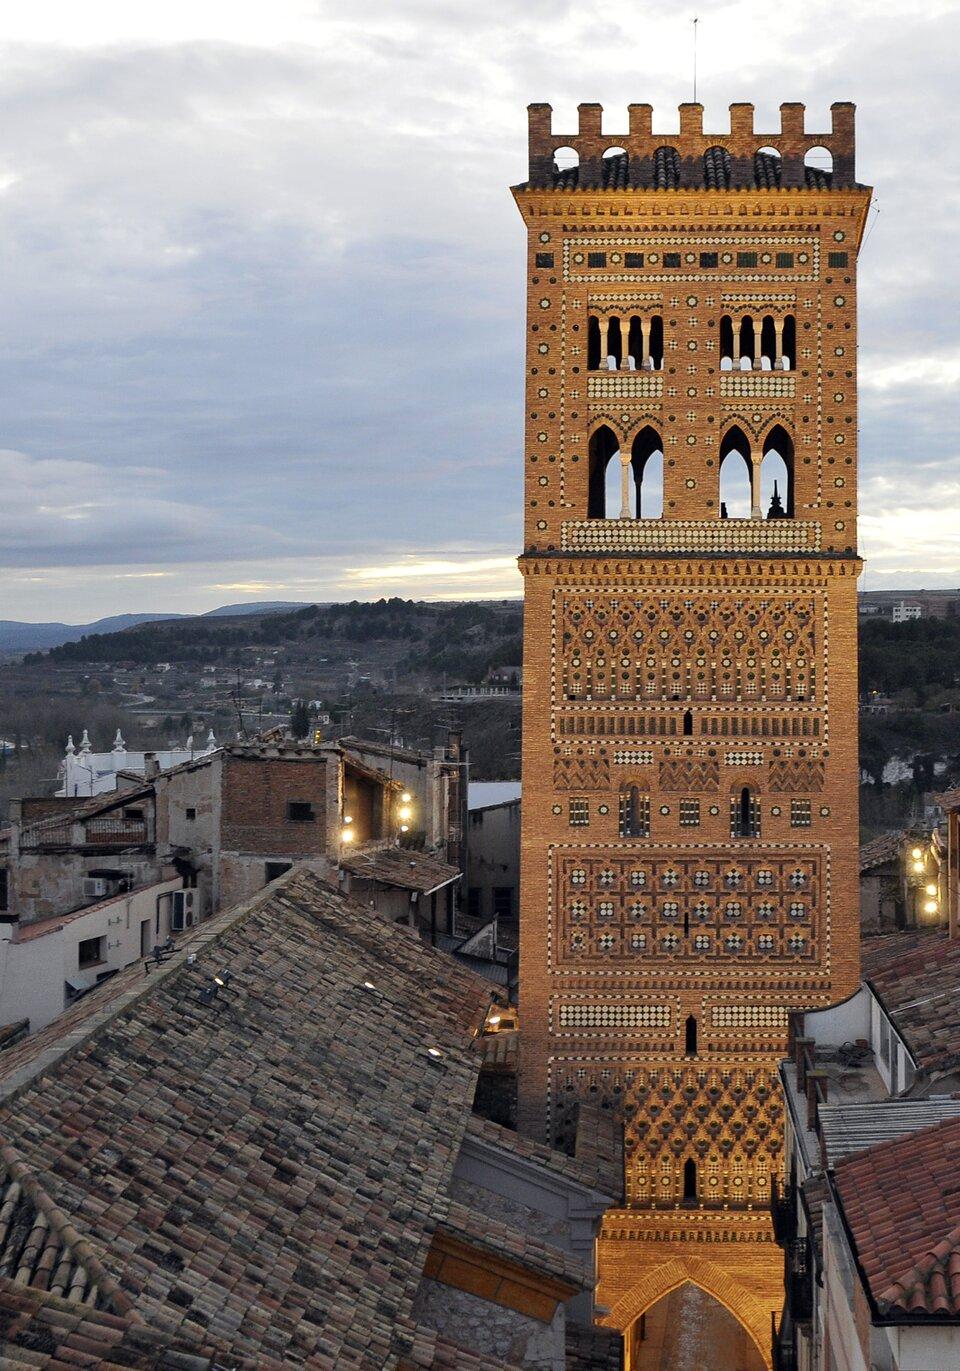 Wieża Zbawiciela wTeruel Źródło: Wieża Zbawiciela wTeruel, licencja: CC BY-SA 3.0.